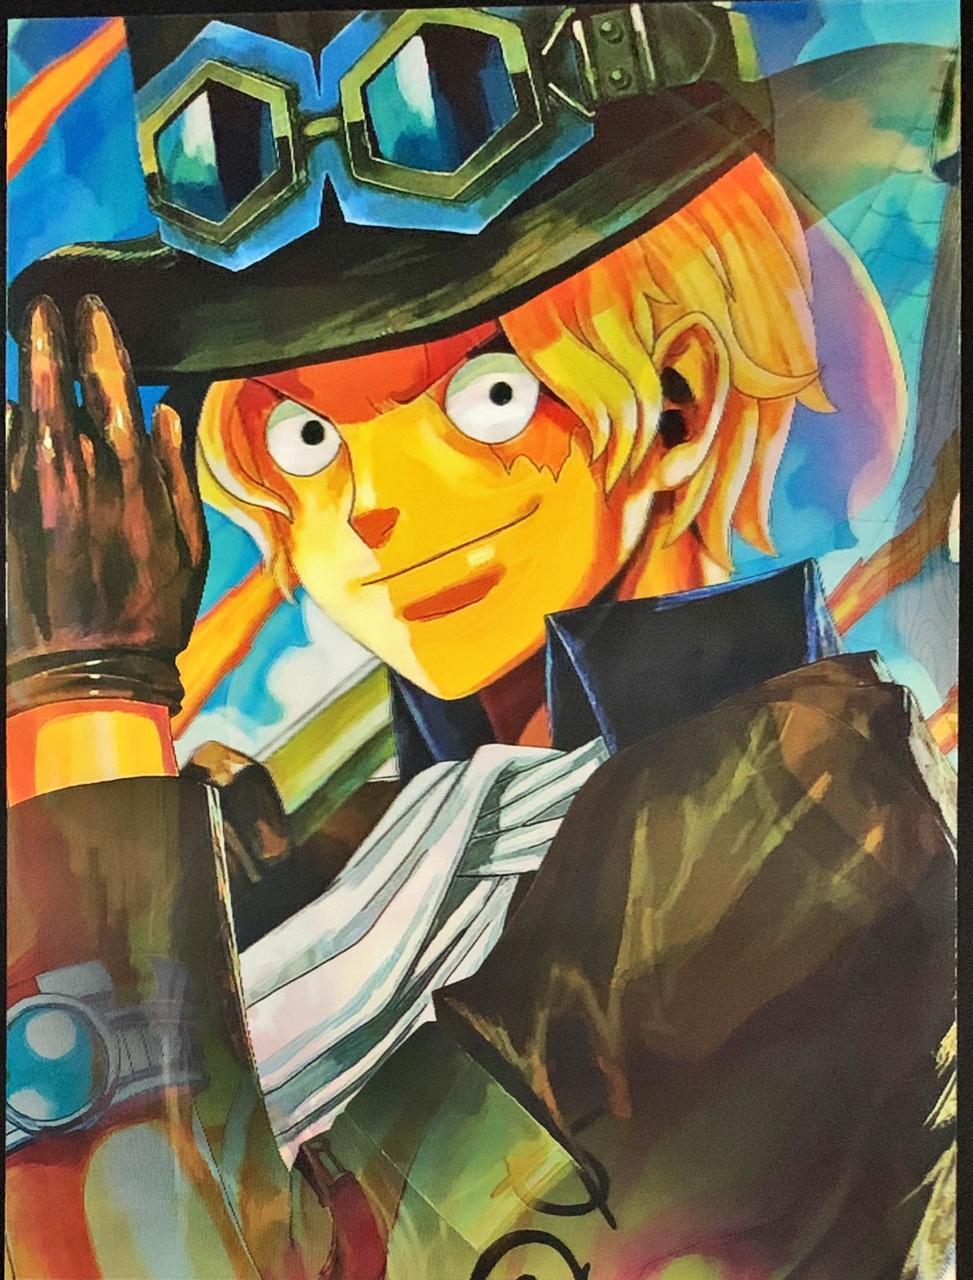 Poster (Quadro) 3D Lenticular (Sem Moldura) One-Piece (43x30)